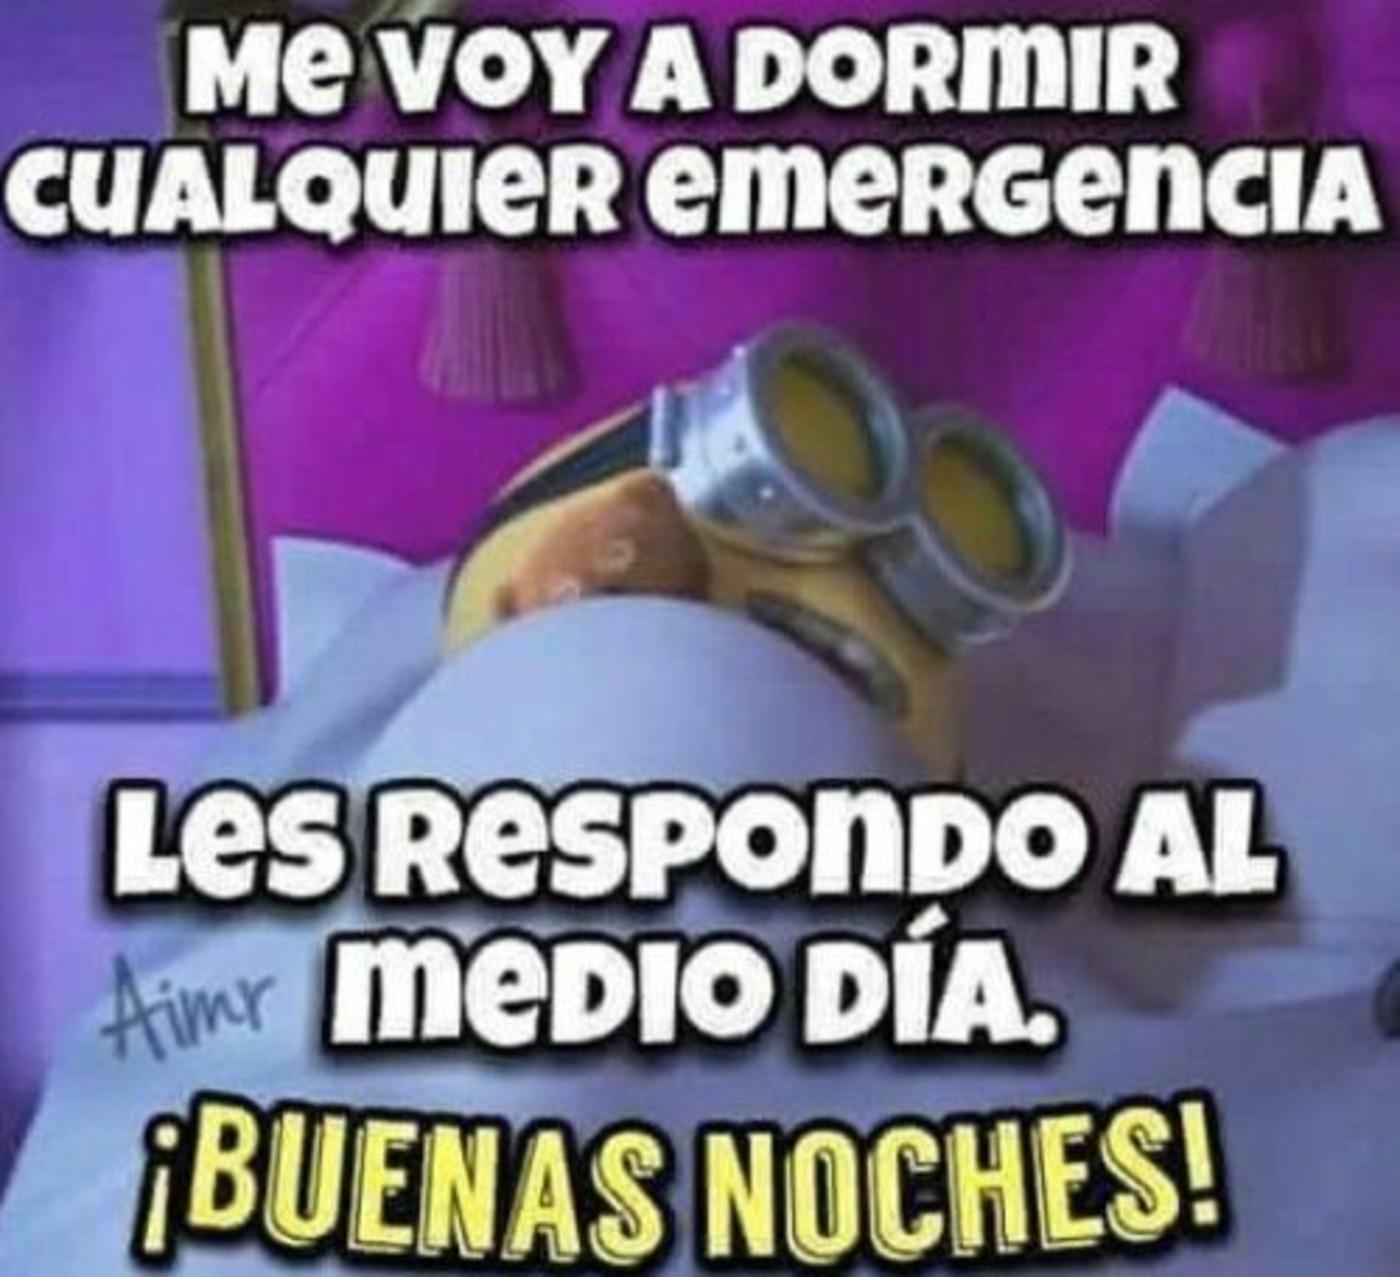 Me voy a dormir cualquier emergencia les respondo al medio día. Buenas noches